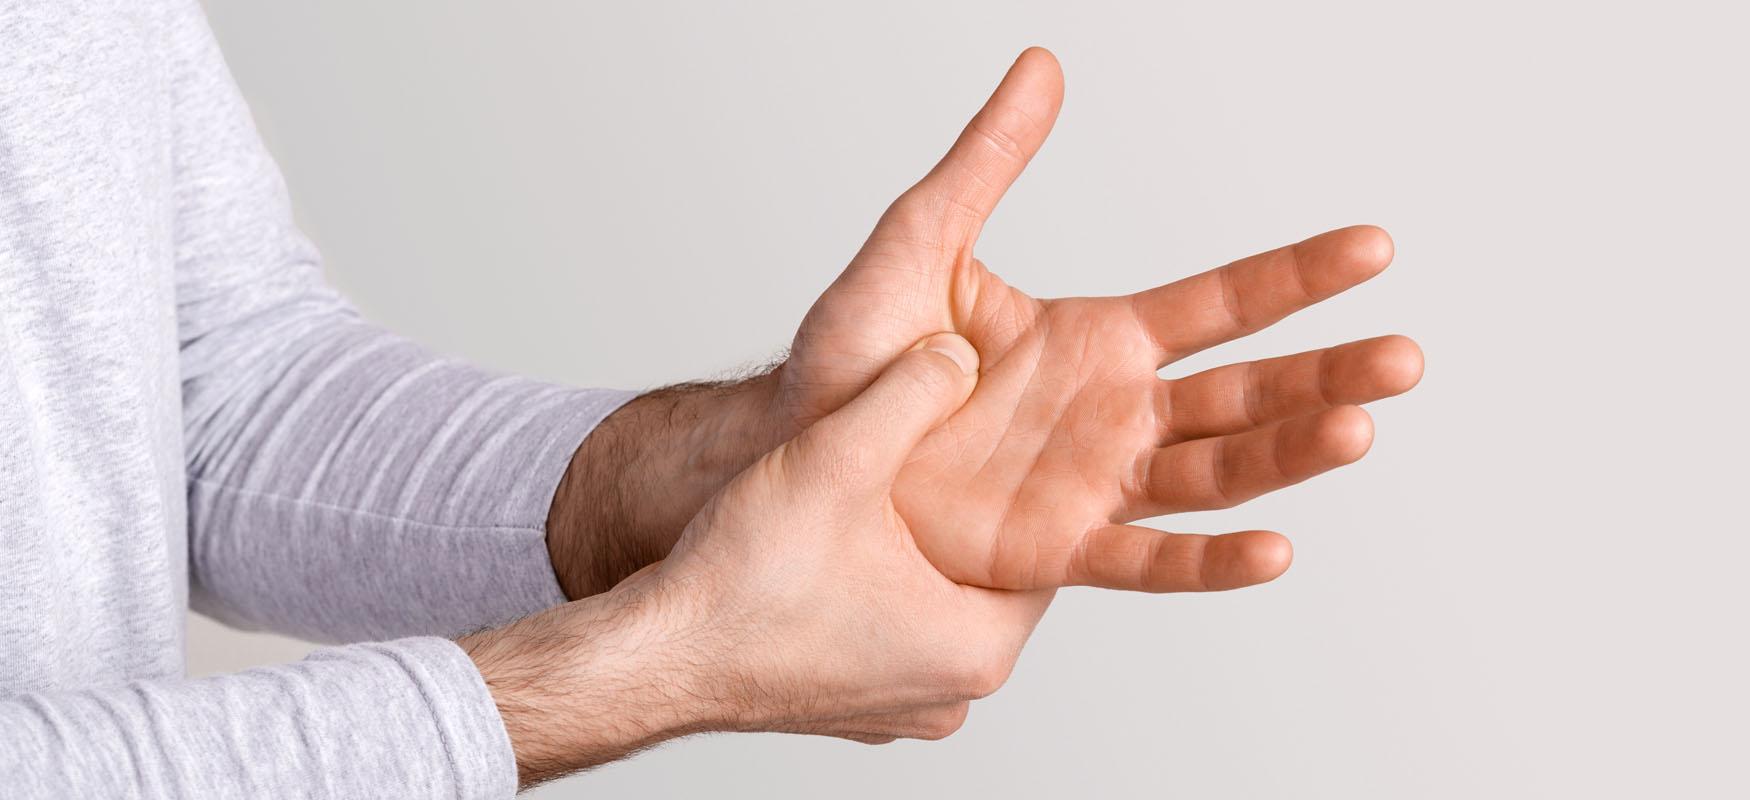 Strzelanie palcami – palec trzaskający